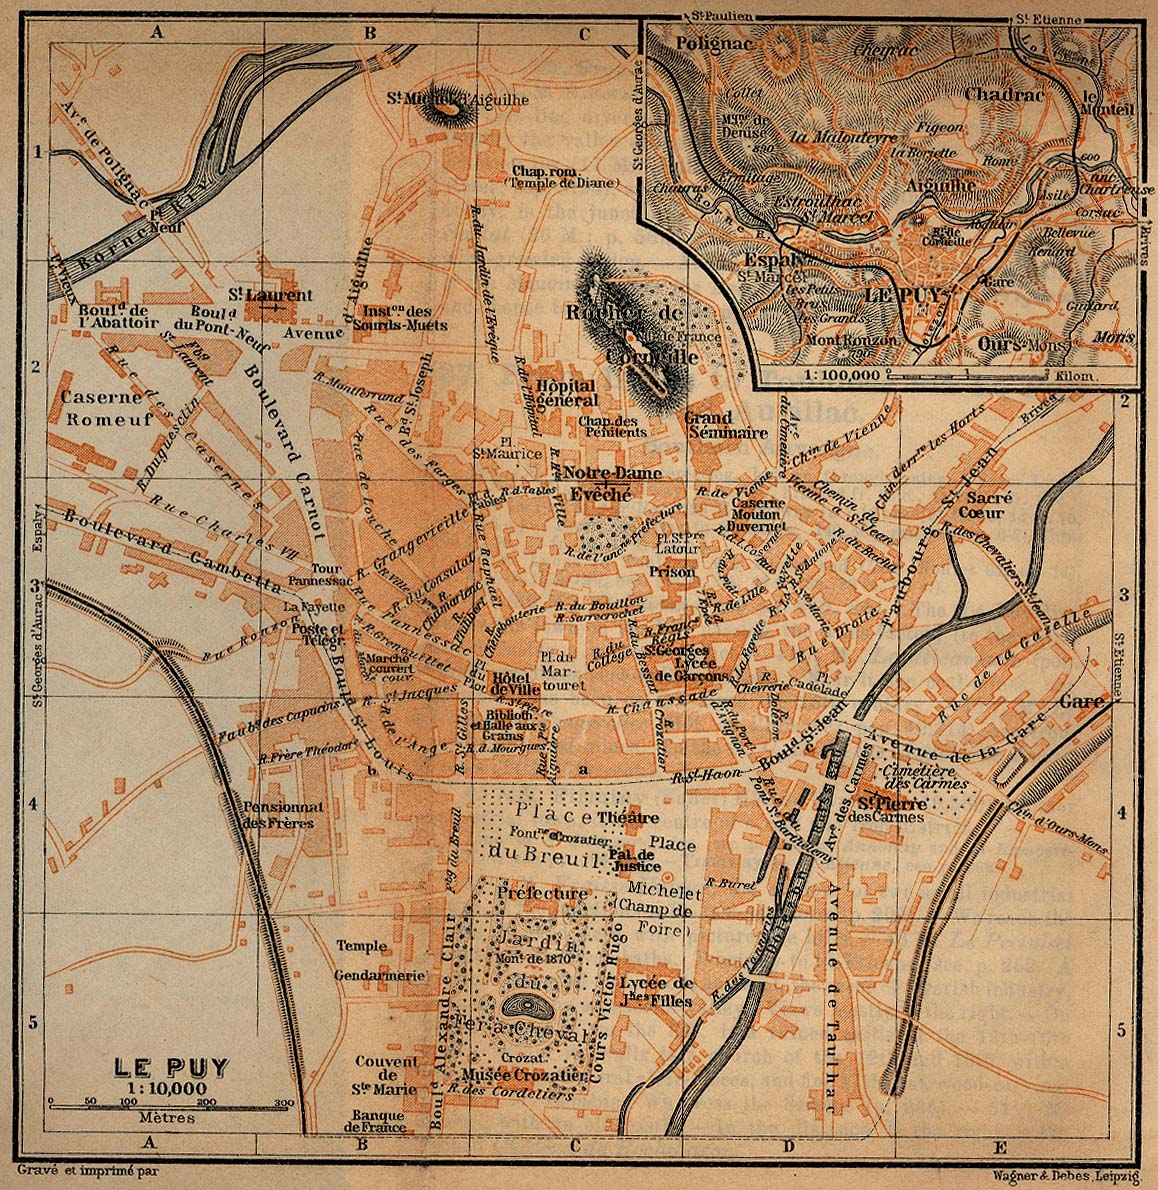 Mapa de las Cercanías de Le Puy, Francia 1914